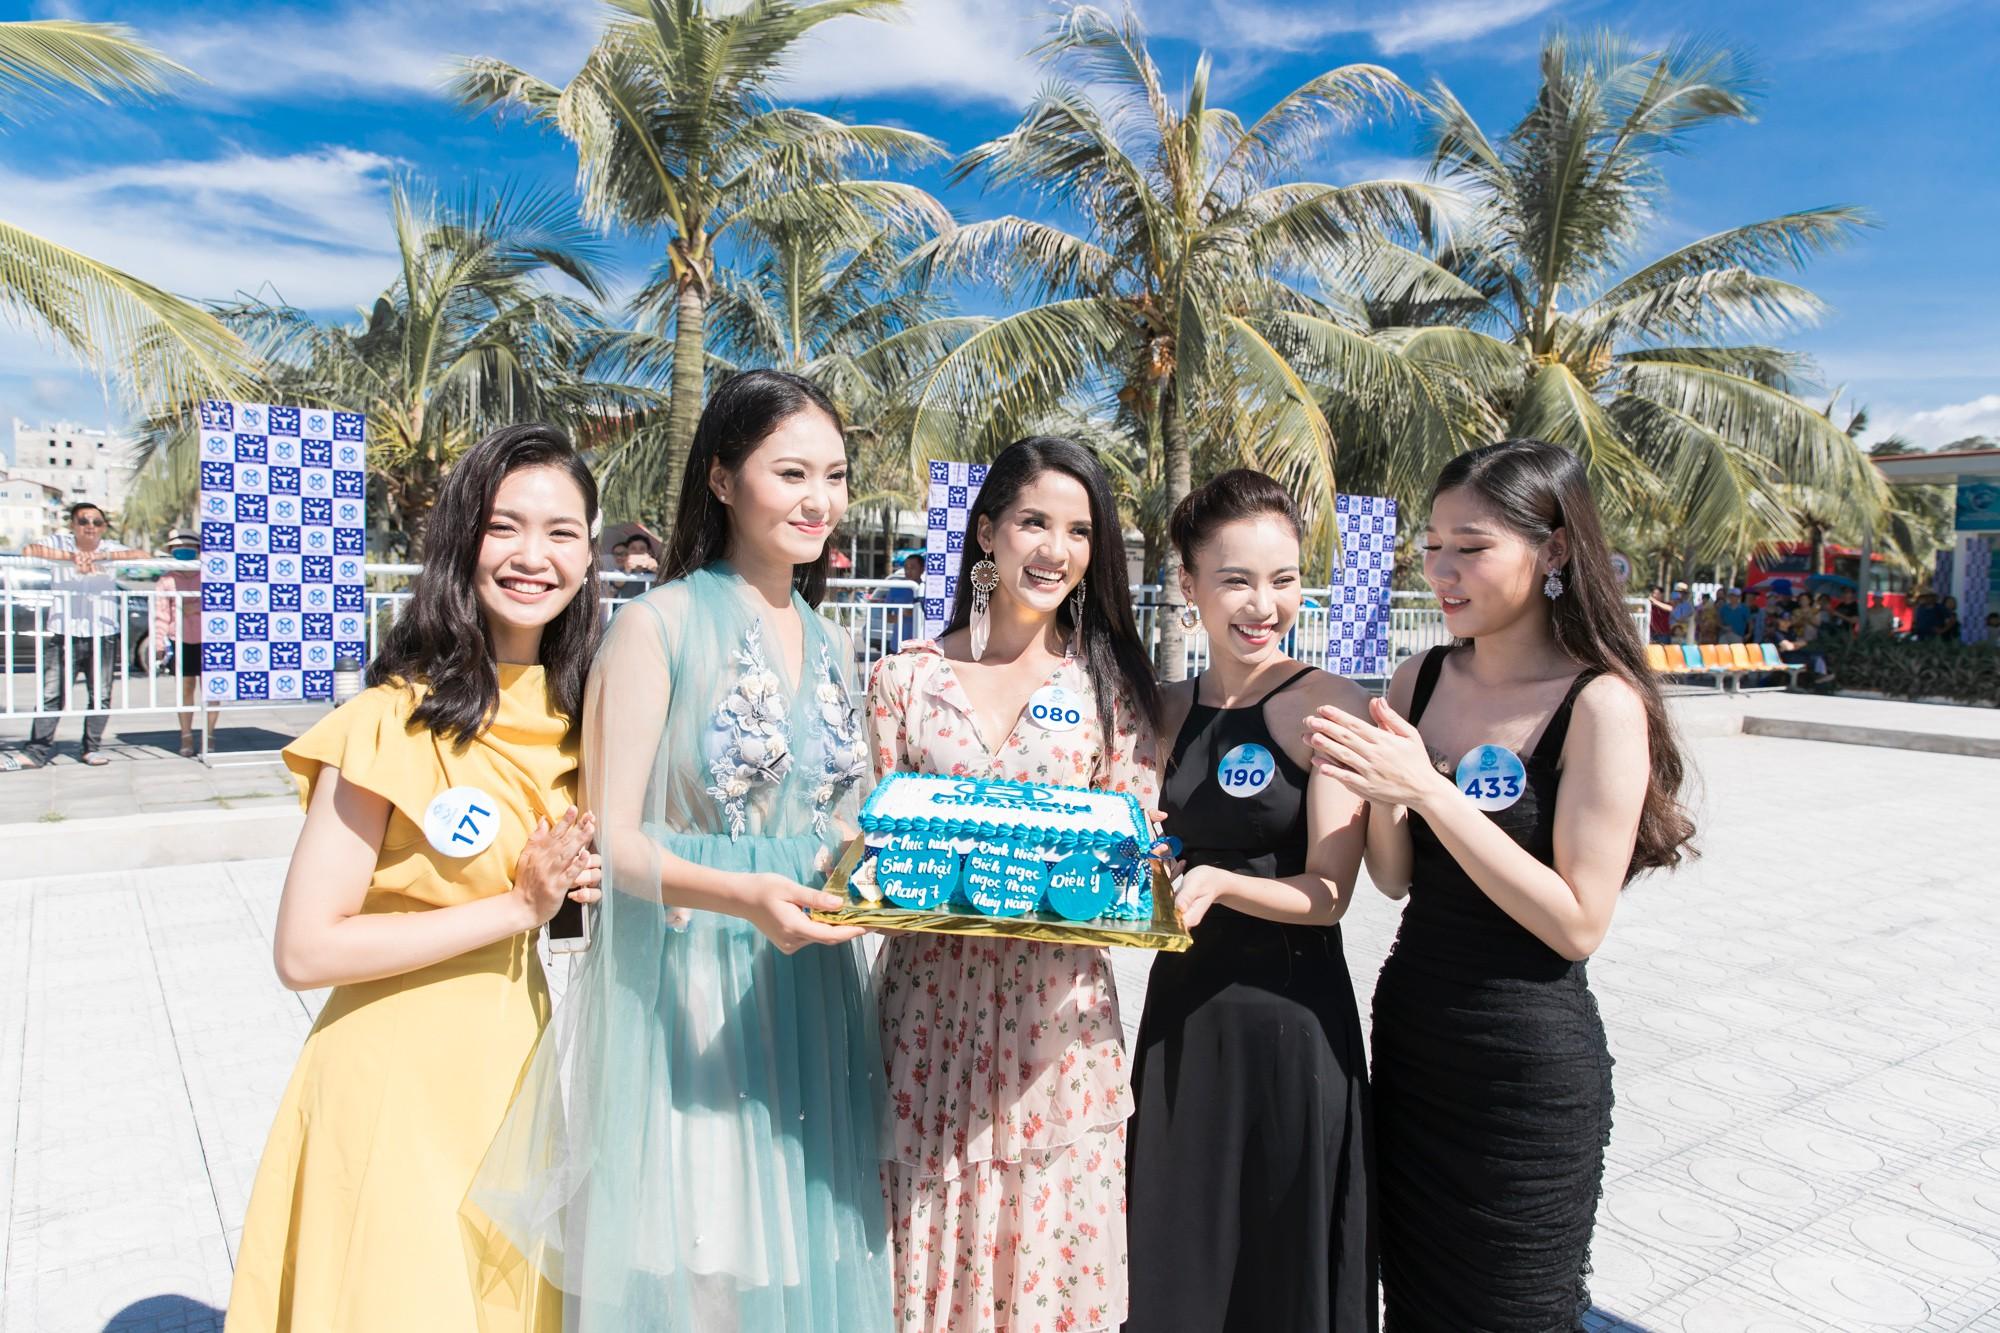 Sau tin đồn có bạn trai, Đỗ Mỹ Linh tươi tắn xuất hiện đồng hành cùng thí sinh Miss World Việt trước đêm thi quan trọng - Ảnh 10.